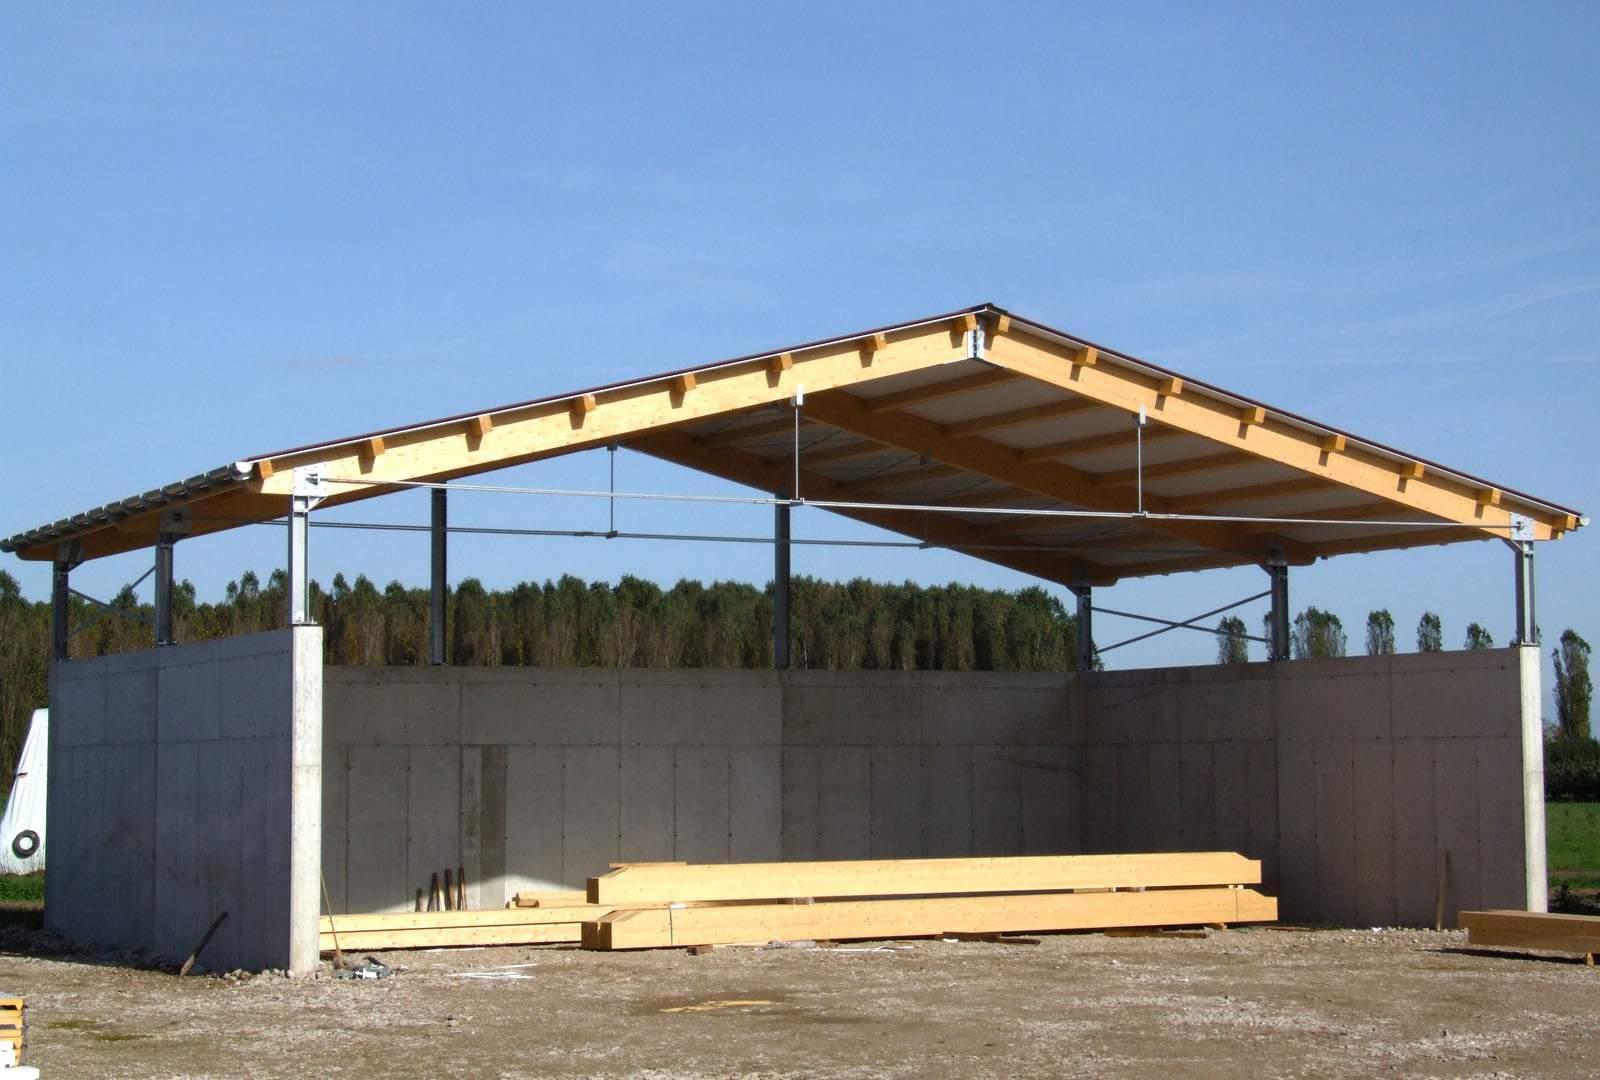 Capannoni prefabbricati in legno terminali antivento per for Prefabbricati in legno